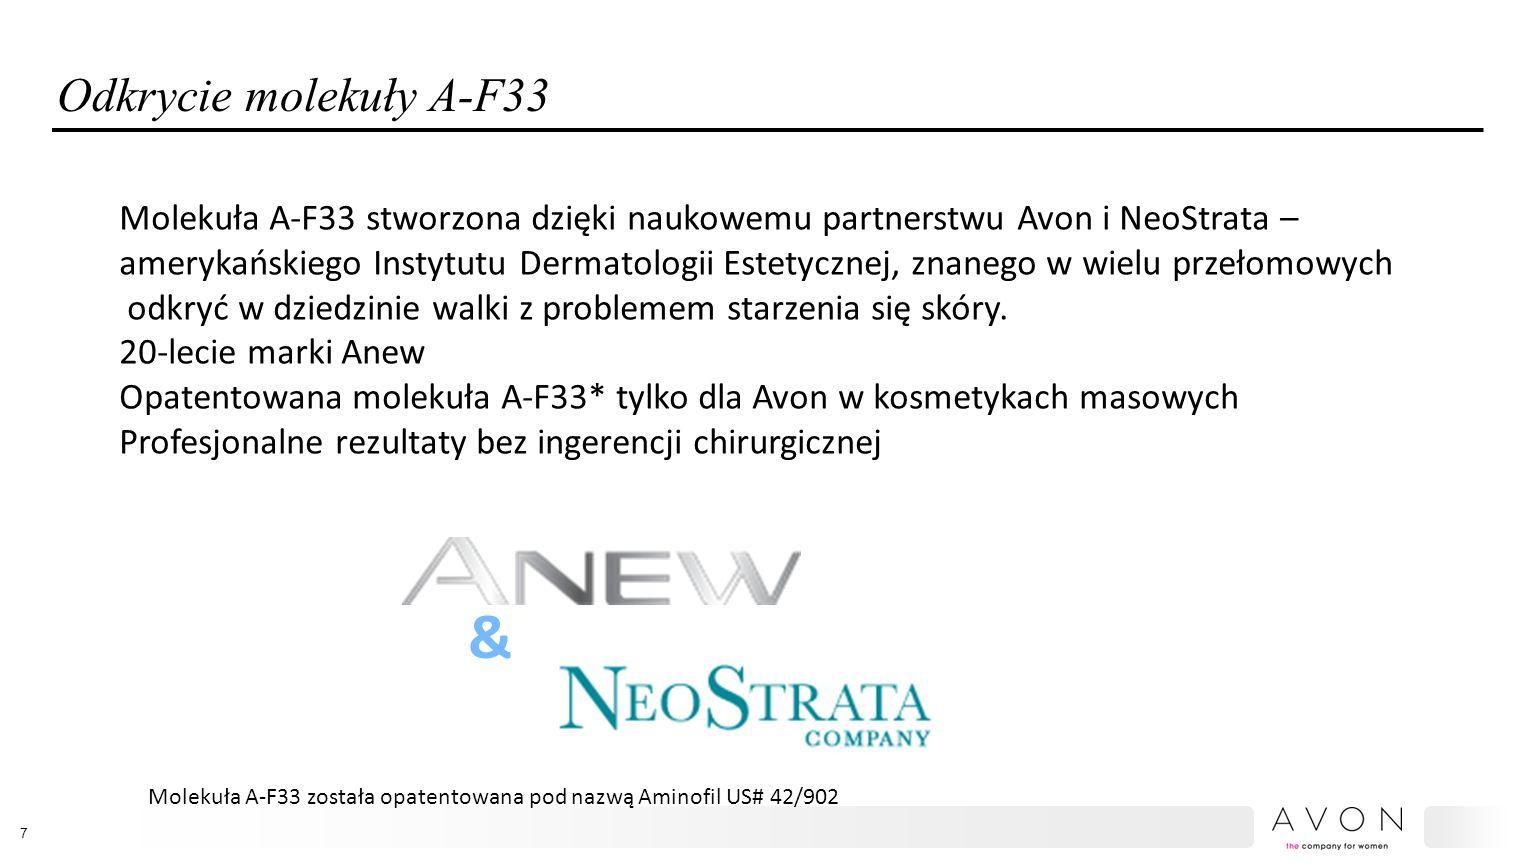 Odkrycie molekuły A-F33 & Molekuła A-F33 stworzona dzięki naukowemu partnerstwu Avon i NeoStrata – amerykańskiego Instytutu Dermatologii Estetycznej, znanego w wielu przełomowych odkryć w dziedzinie walki z problemem starzenia się skóry.